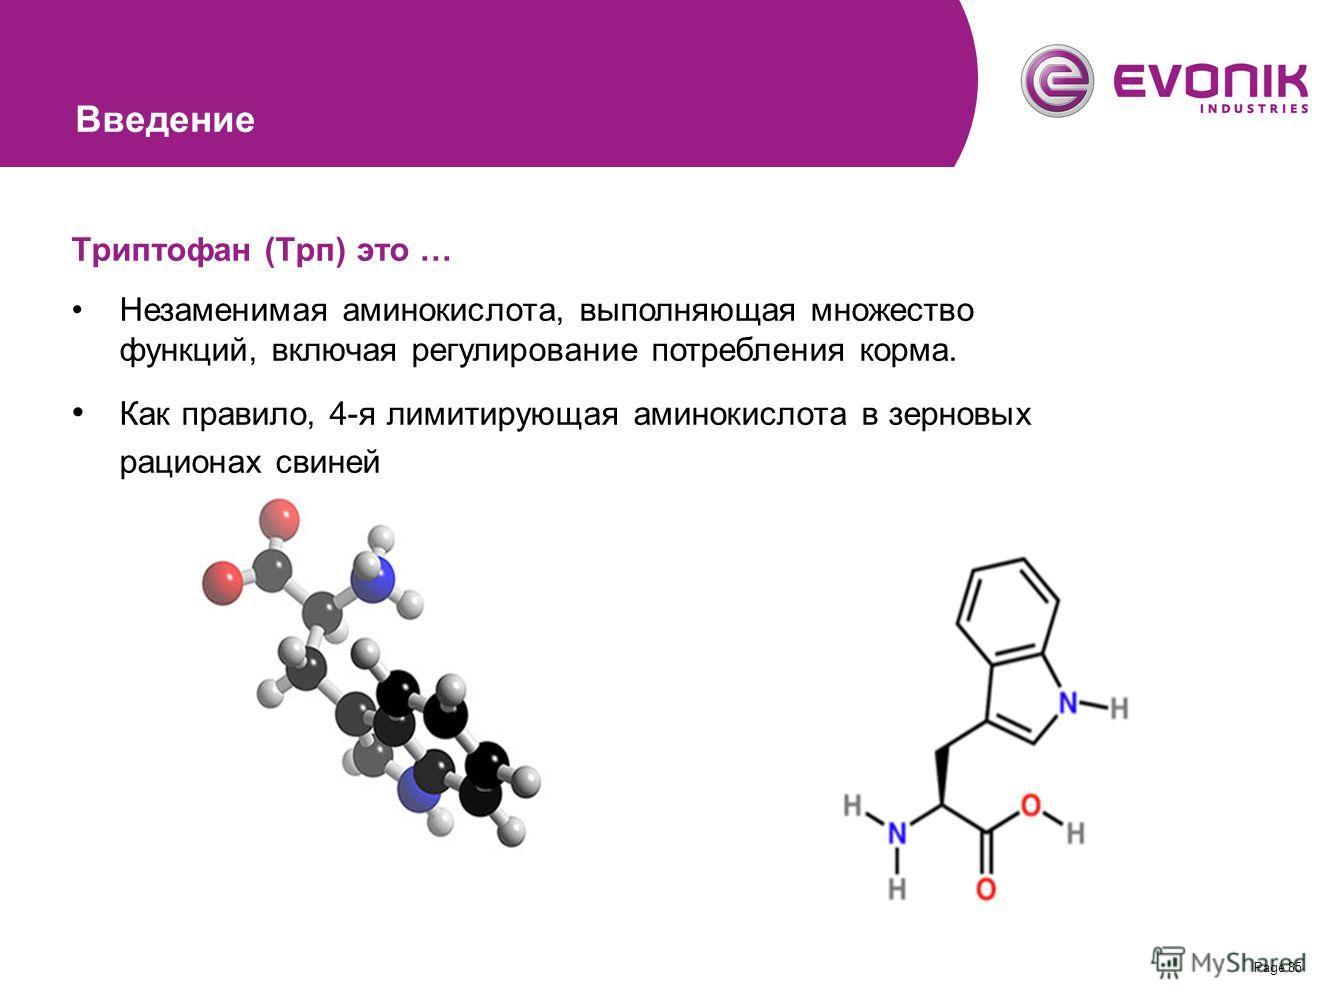 Page 85 Триптофан (Трп) это … Незаменимая аминокислота, выполняющая множество функций, включая регулирование потребления корма. Как правило, 4-я лимитирующая аминокислота в зерновых рационах свиней Введение